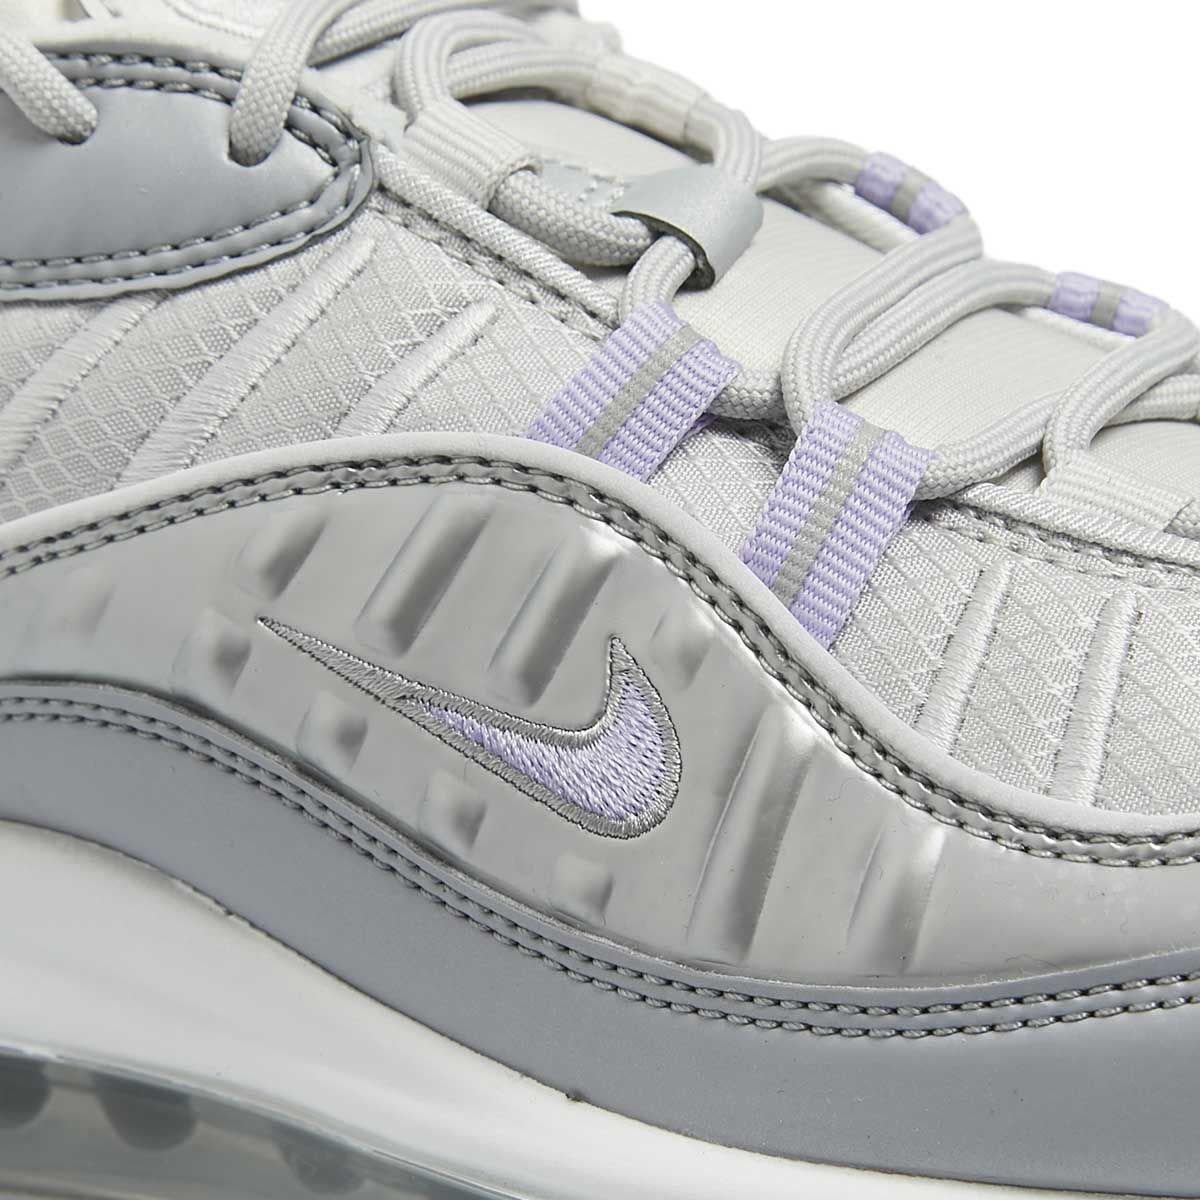 WMNS Sneakers Nike Air Max 98 SE vast grey/purple agate (BV6536-001)